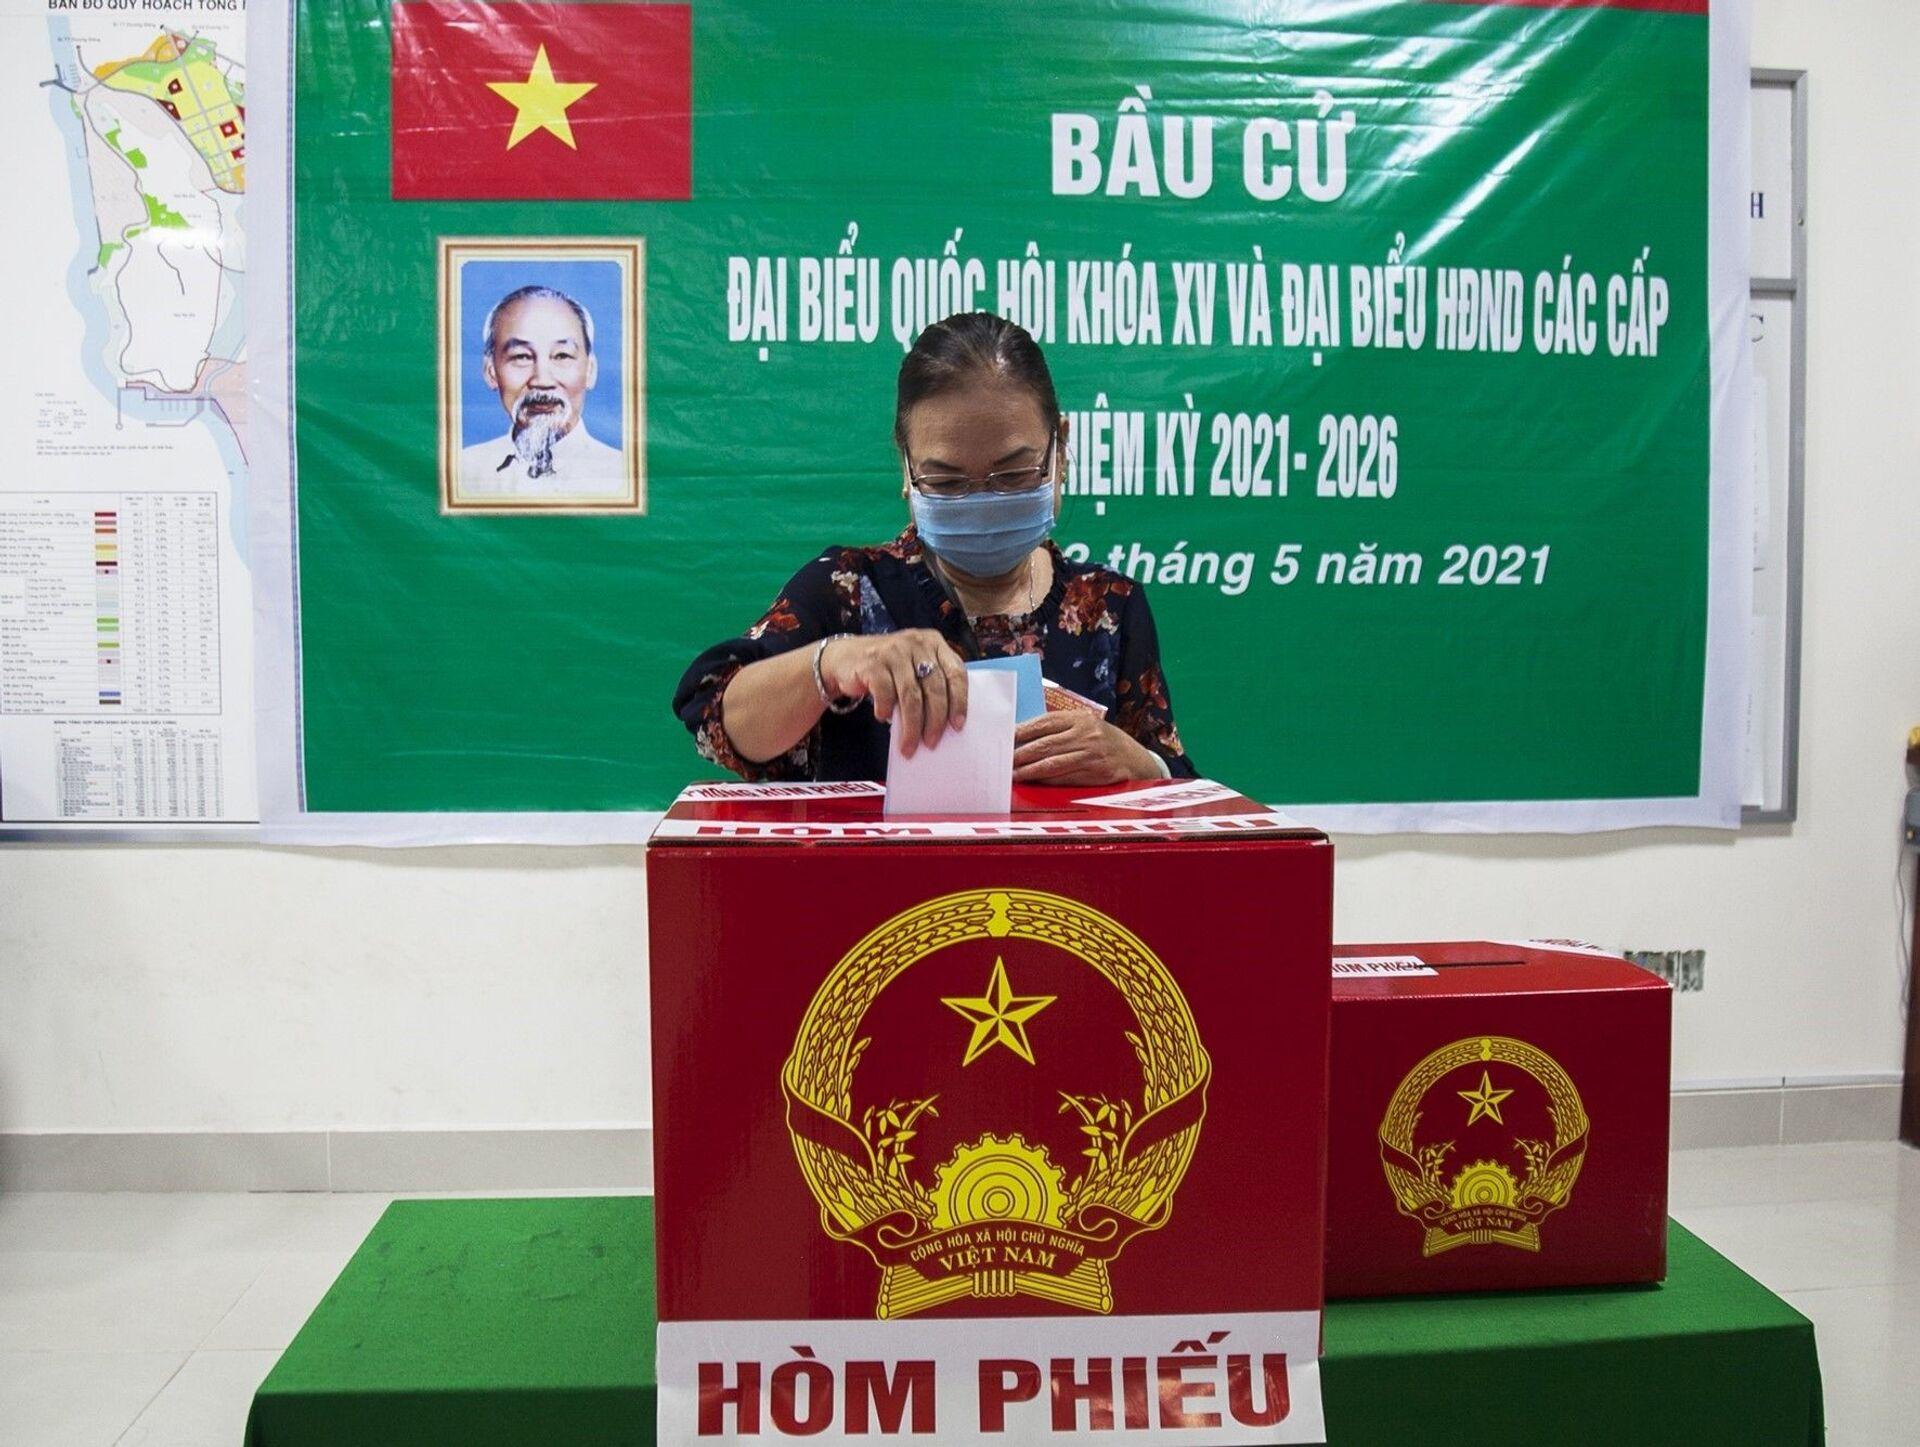 Bầu cử an toàn - Sputnik Việt Nam, 1920, 24.05.2021